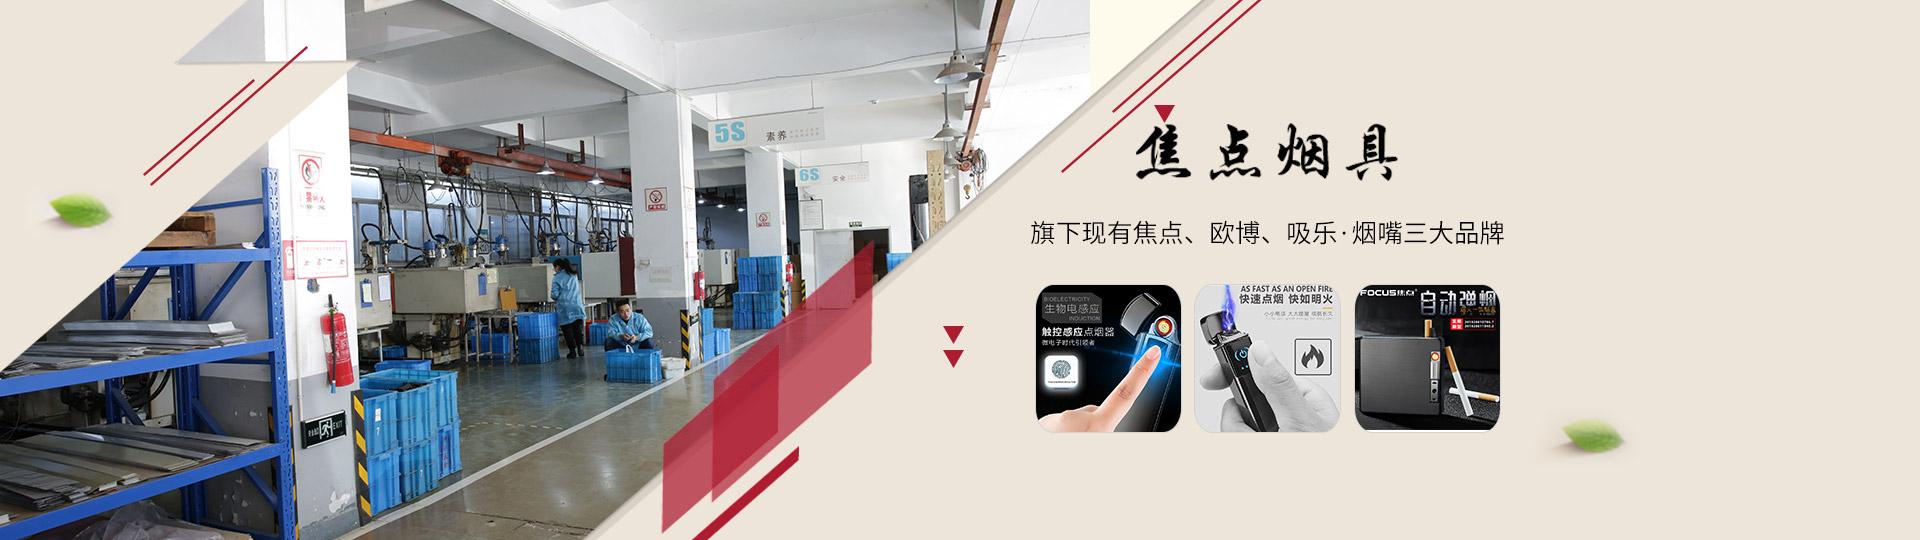 浙江焦點煙具有限公司